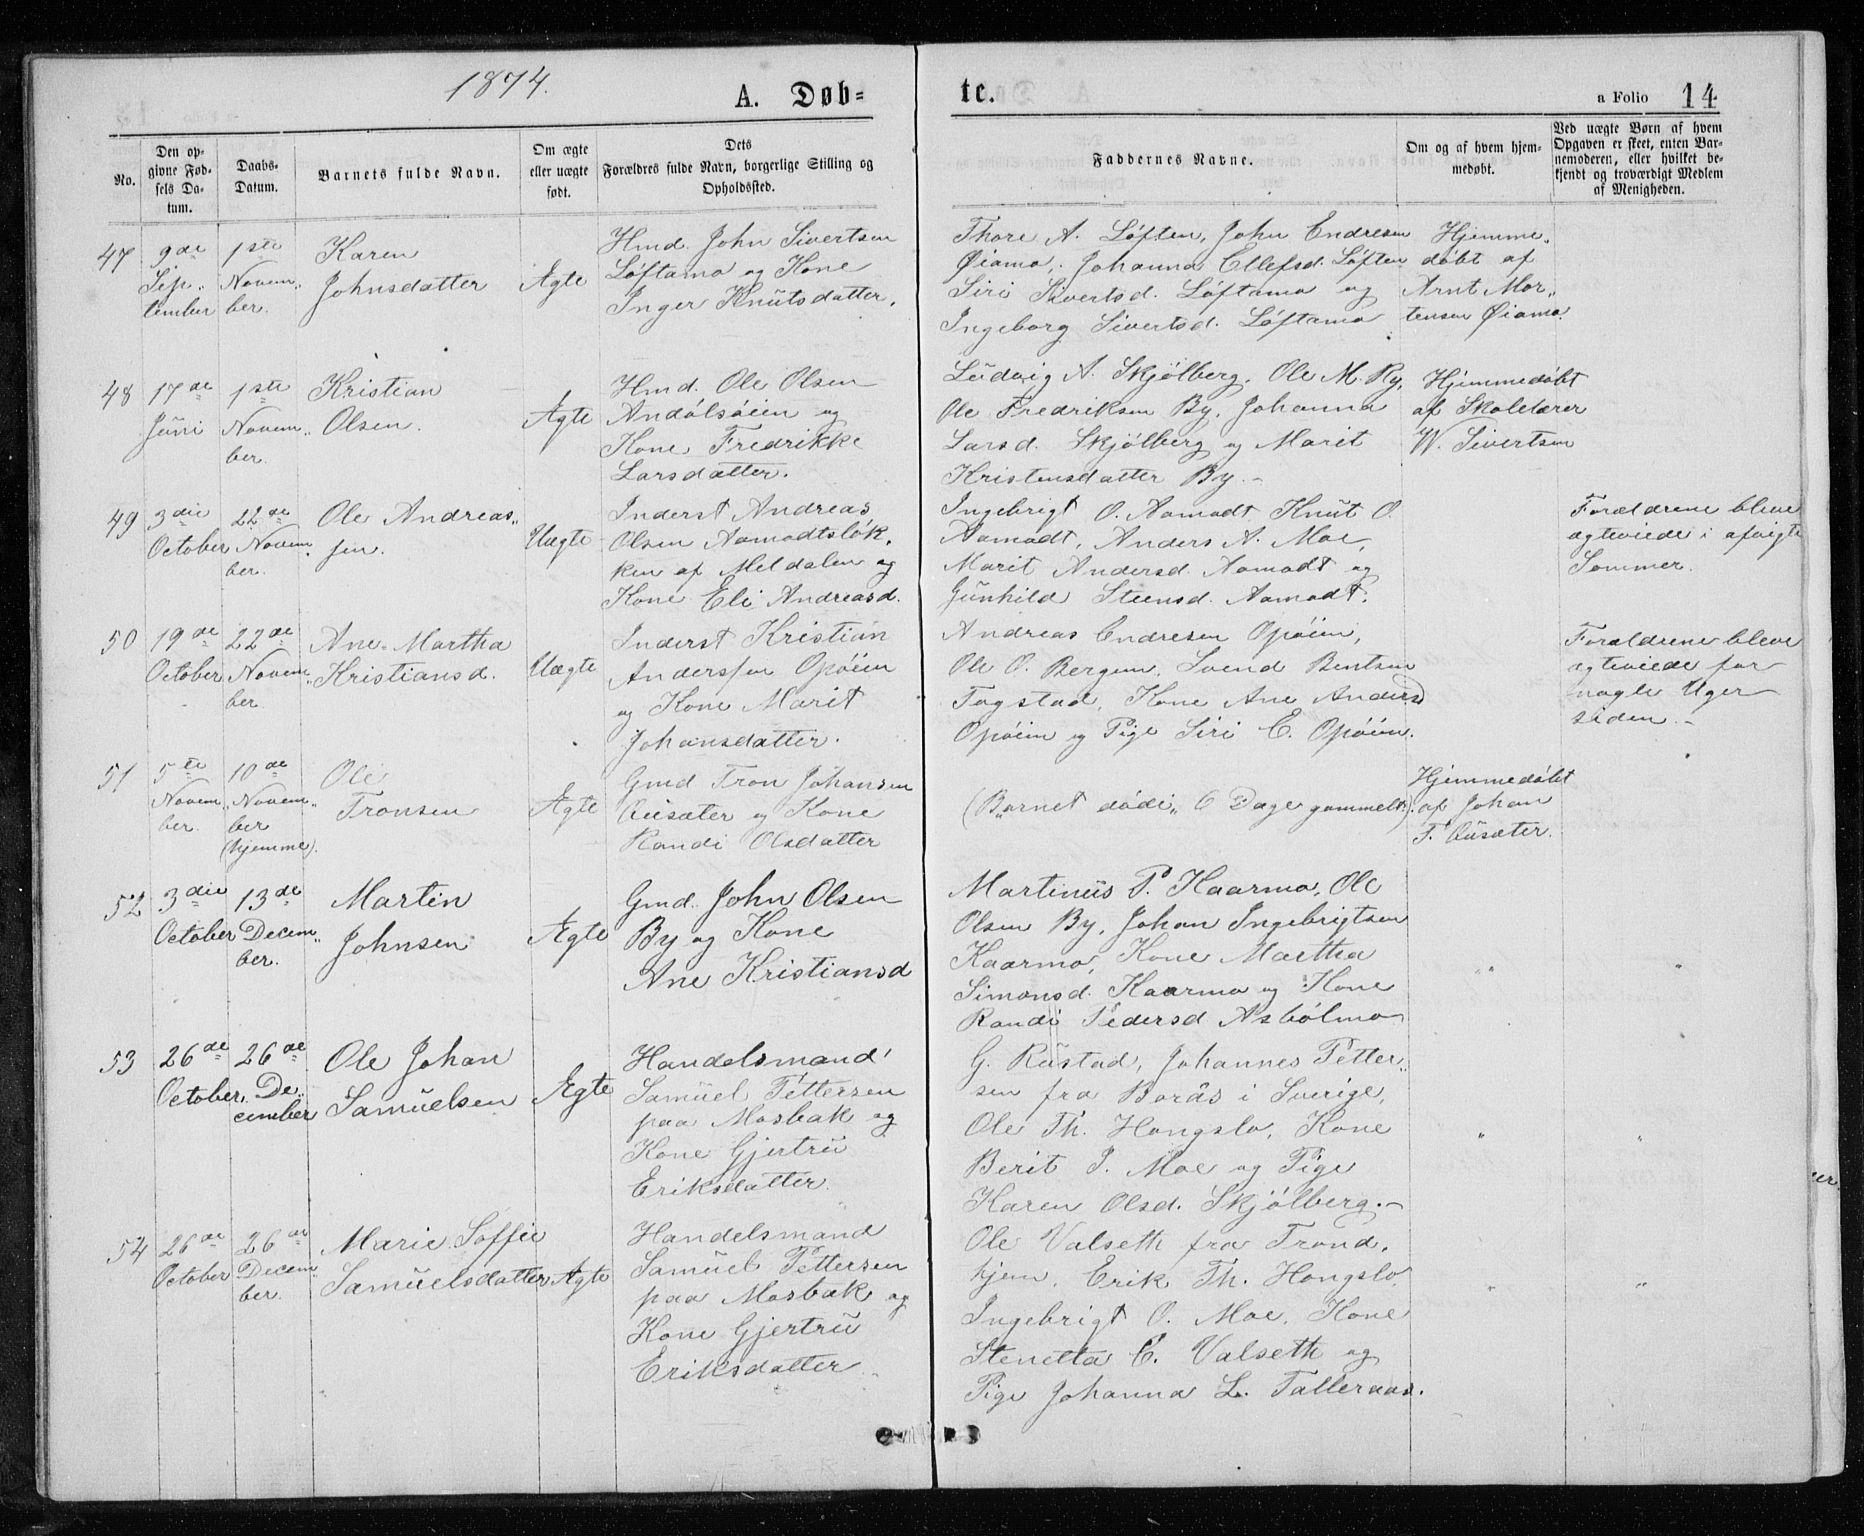 SAT, Ministerialprotokoller, klokkerbøker og fødselsregistre - Sør-Trøndelag, 671/L0843: Klokkerbok nr. 671C02, 1873-1892, s. 14